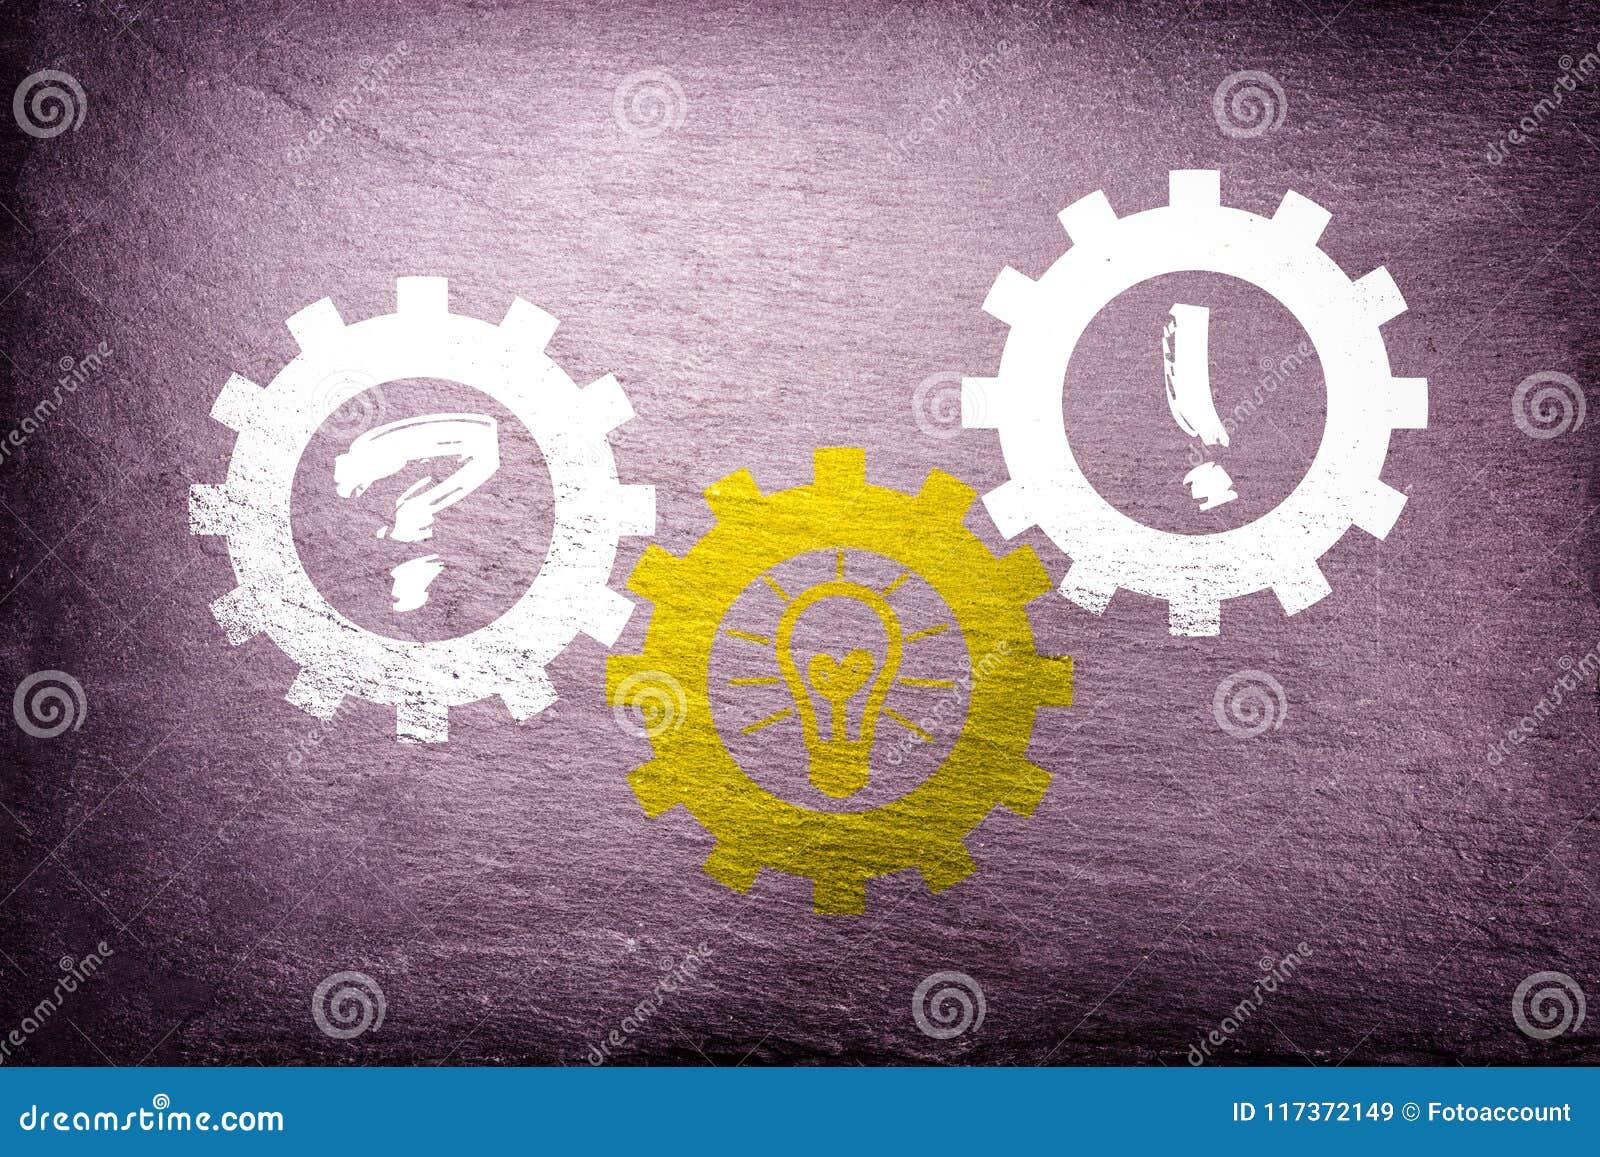 Individuell lösning som finner - teamworkaffärsidé